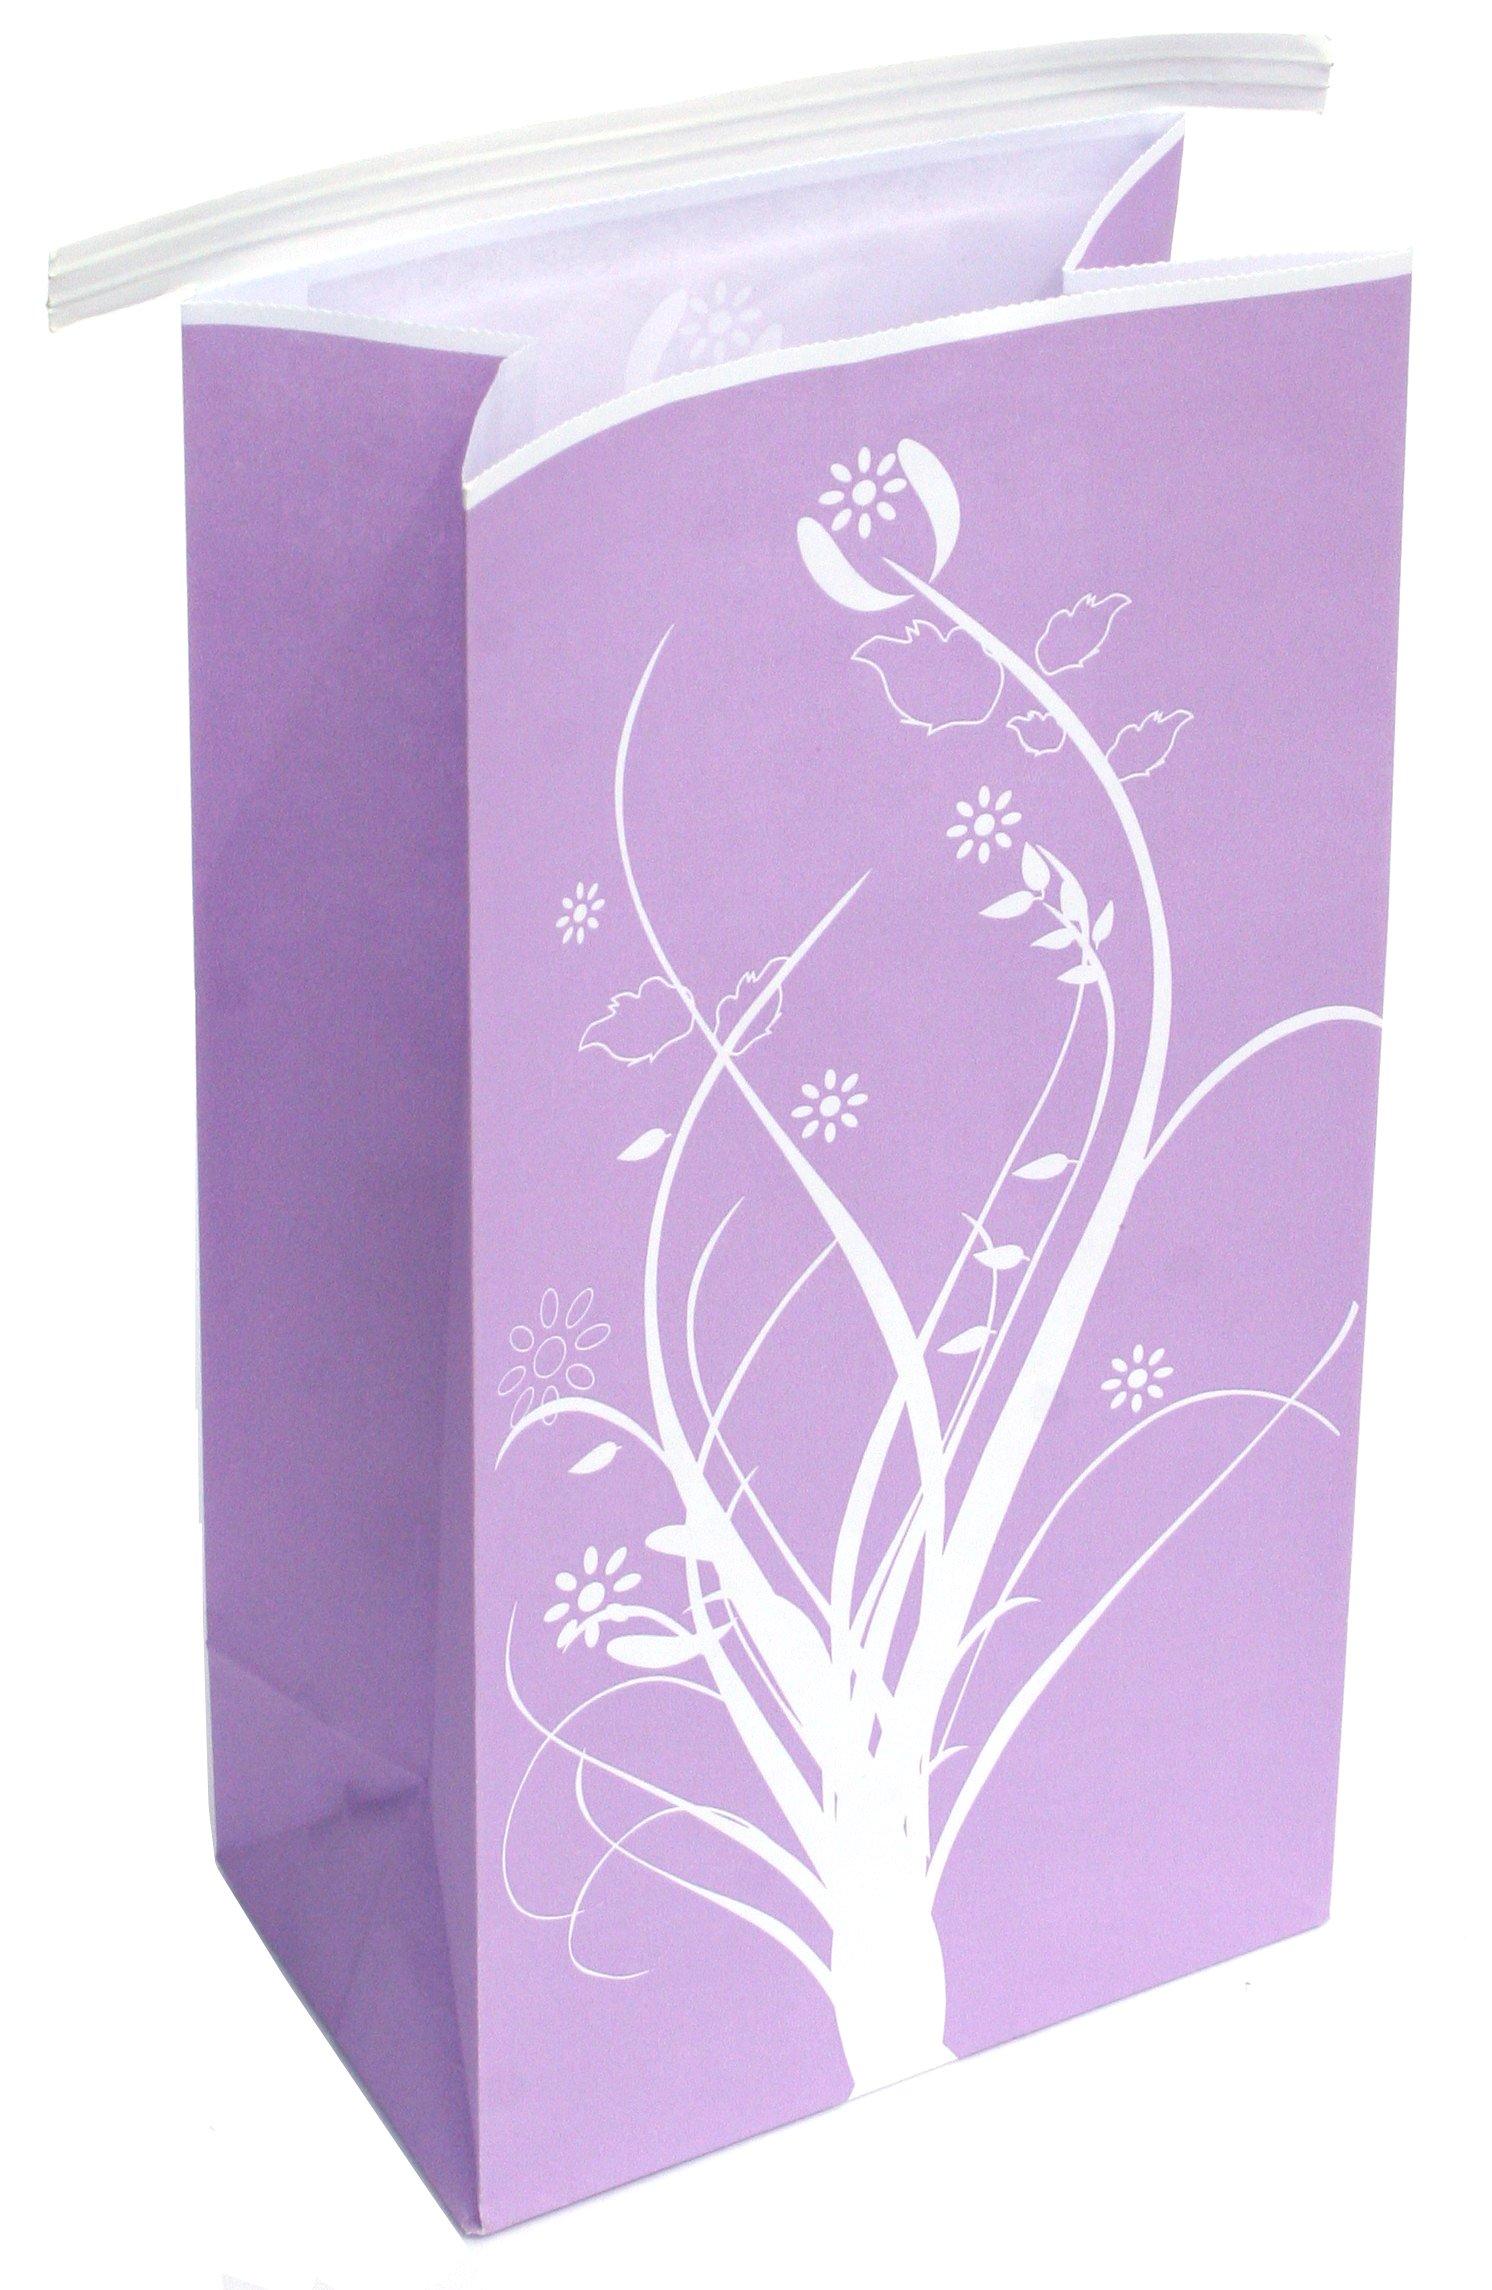 Lavender Lulu Vomit Bag - Pack of 10